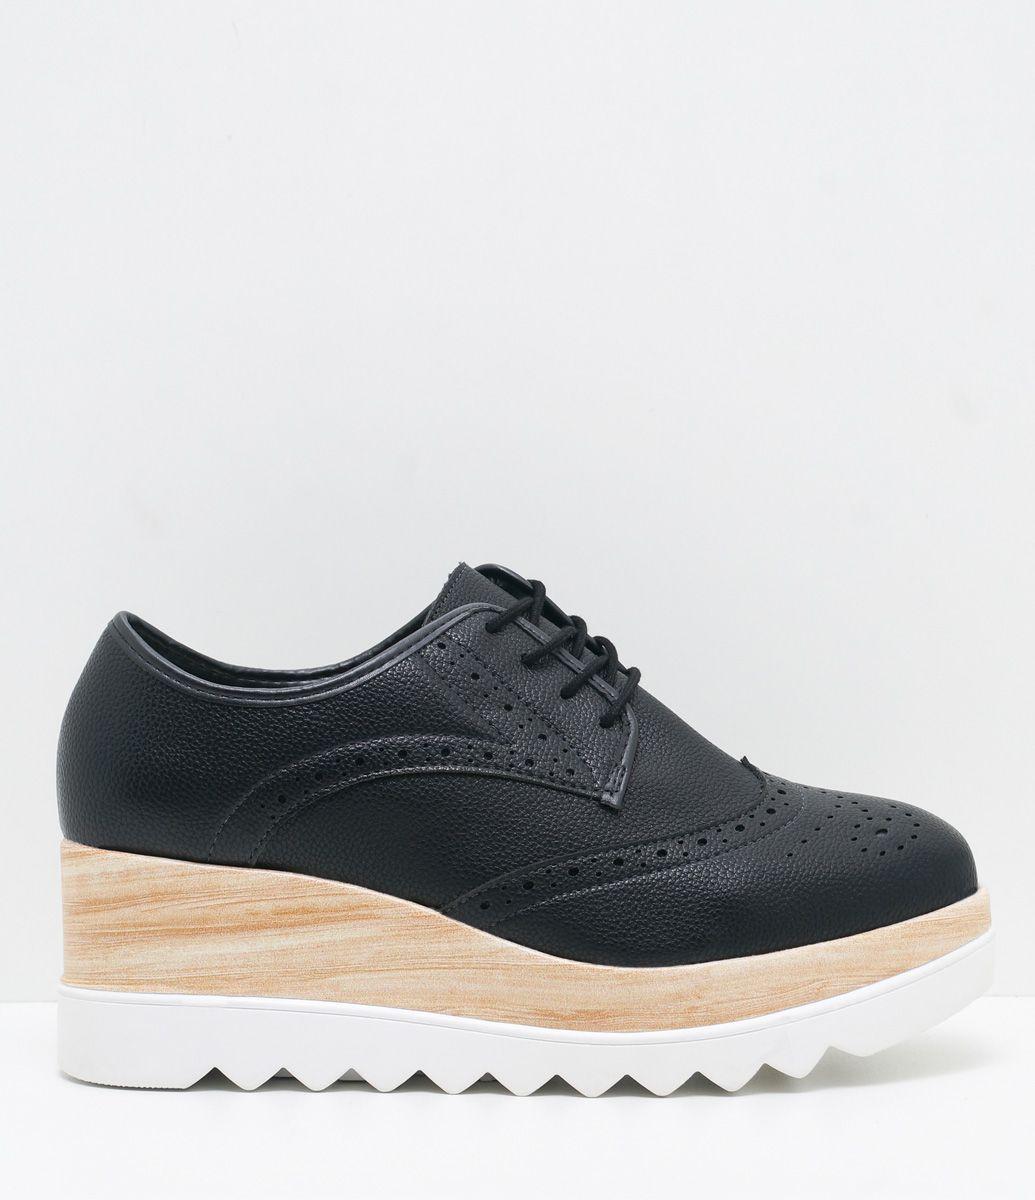 4eb98f8475 Sapato feminino Material  sintético Oxford Flatform Marca  Moleca COLEÇÃO  VERÃO 2017 Veja outras opções